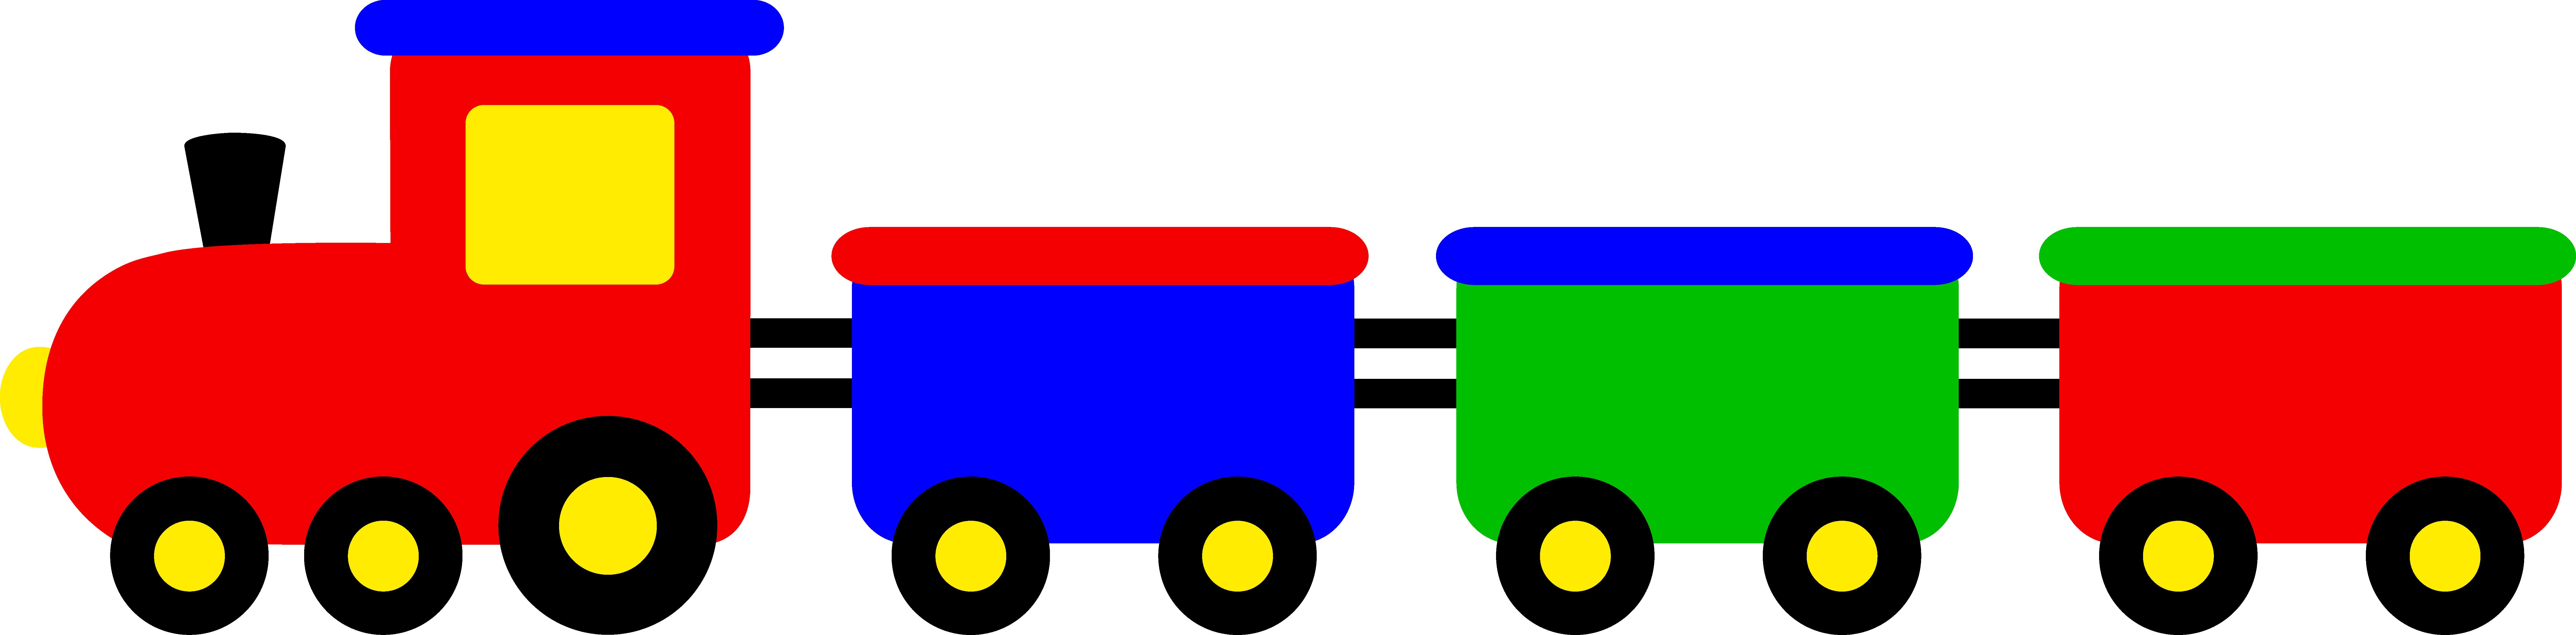 Cartoon Train Clipart-Cartoon Train Clipart-1